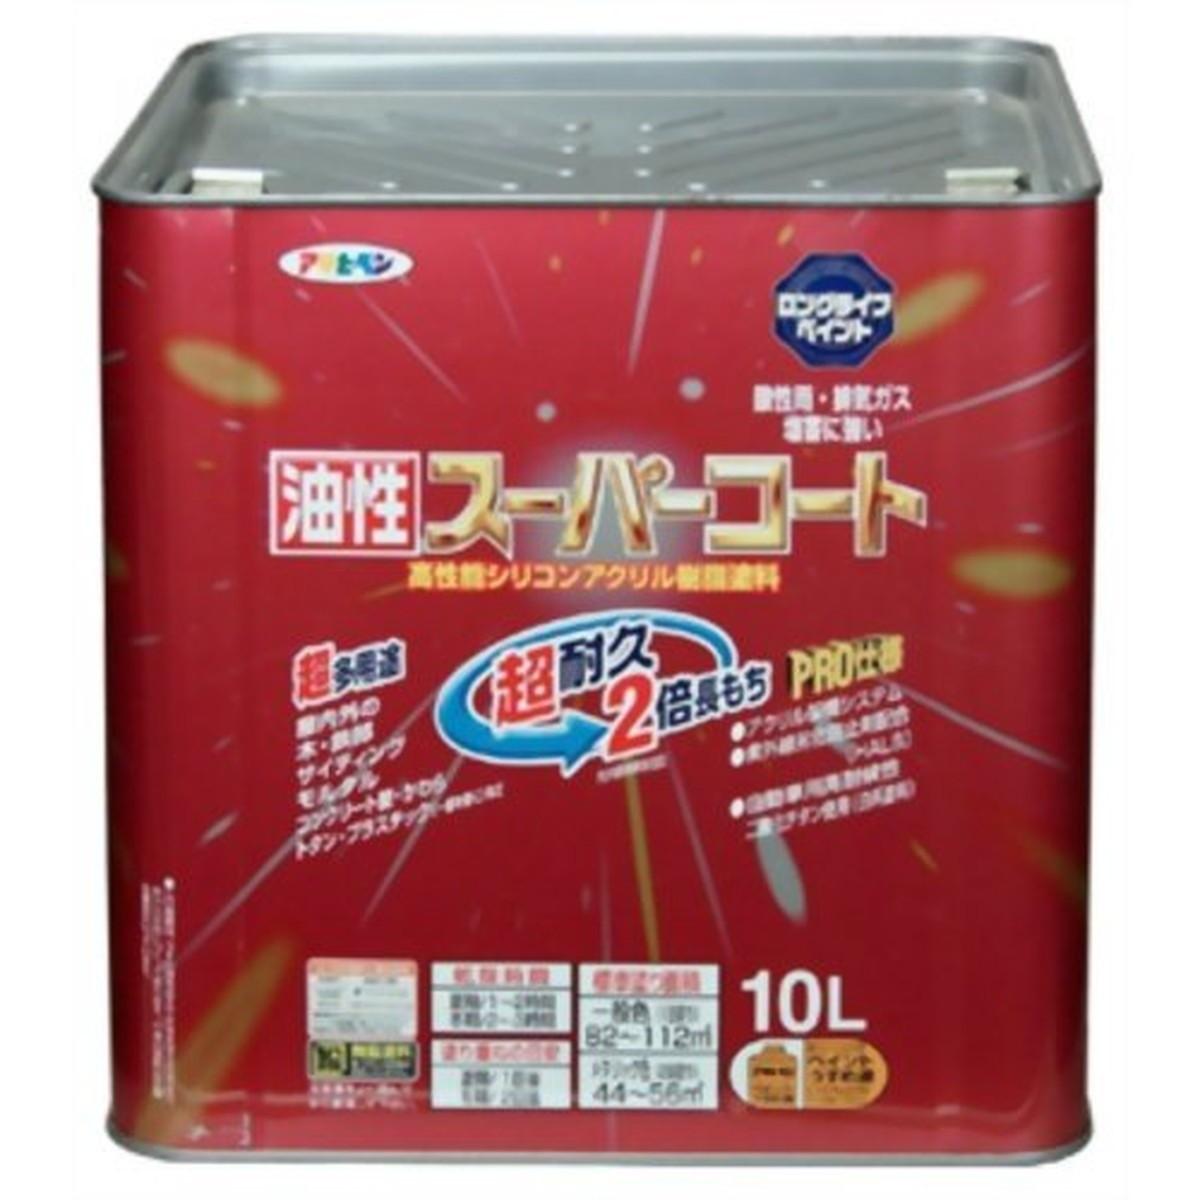 アサヒペン 油性スーパーコート 10L 白【クーポン配布中】